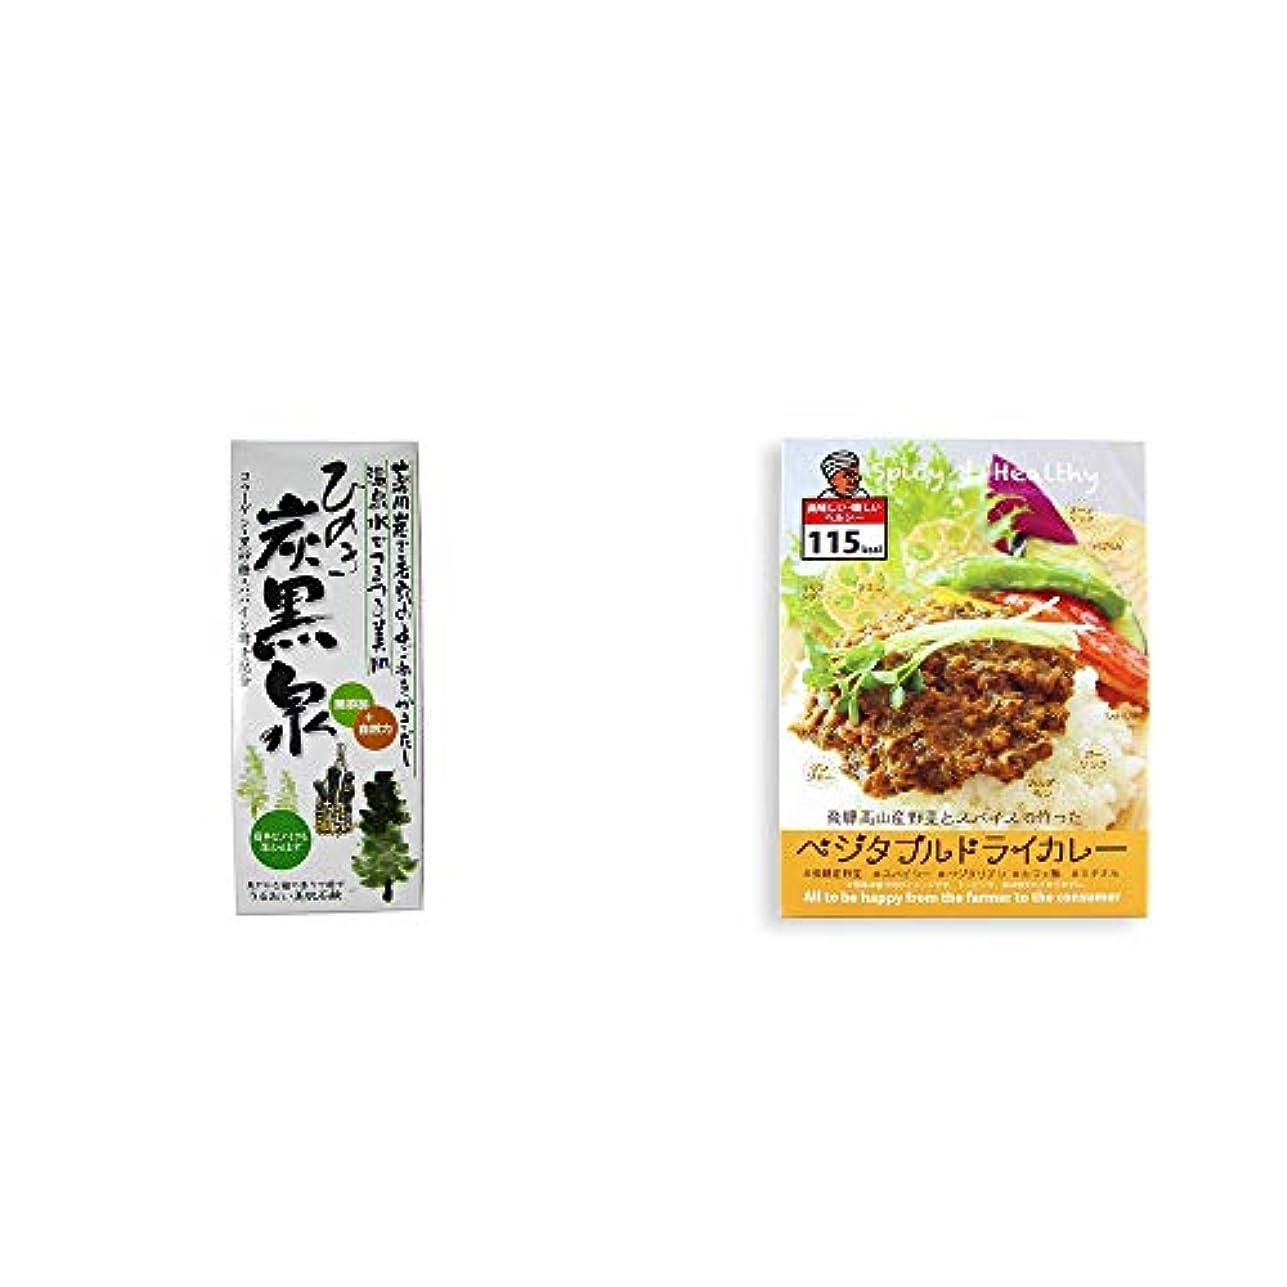 [2点セット] ひのき炭黒泉 箱入り(75g×3)?飛騨産野菜とスパイスで作ったベジタブルドライカレー(100g)